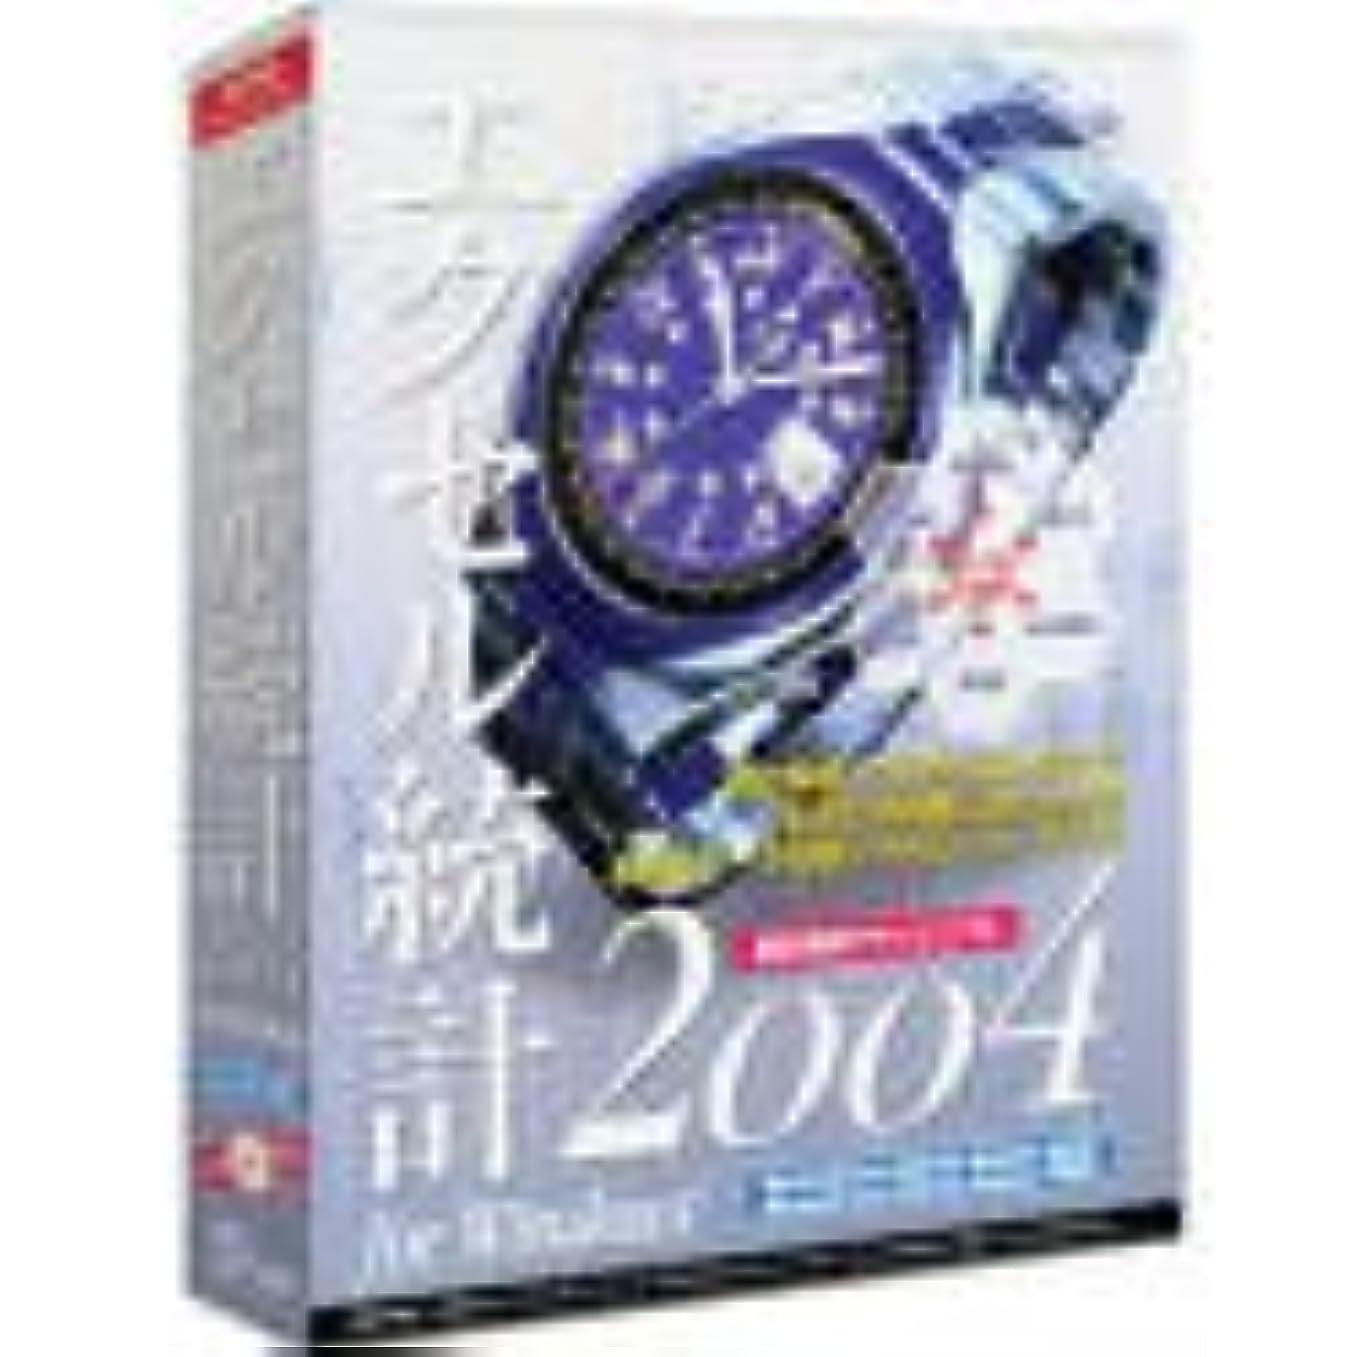 ウナギ休戦ハイブリッドエクセル統計 2004 for Windows 通常版